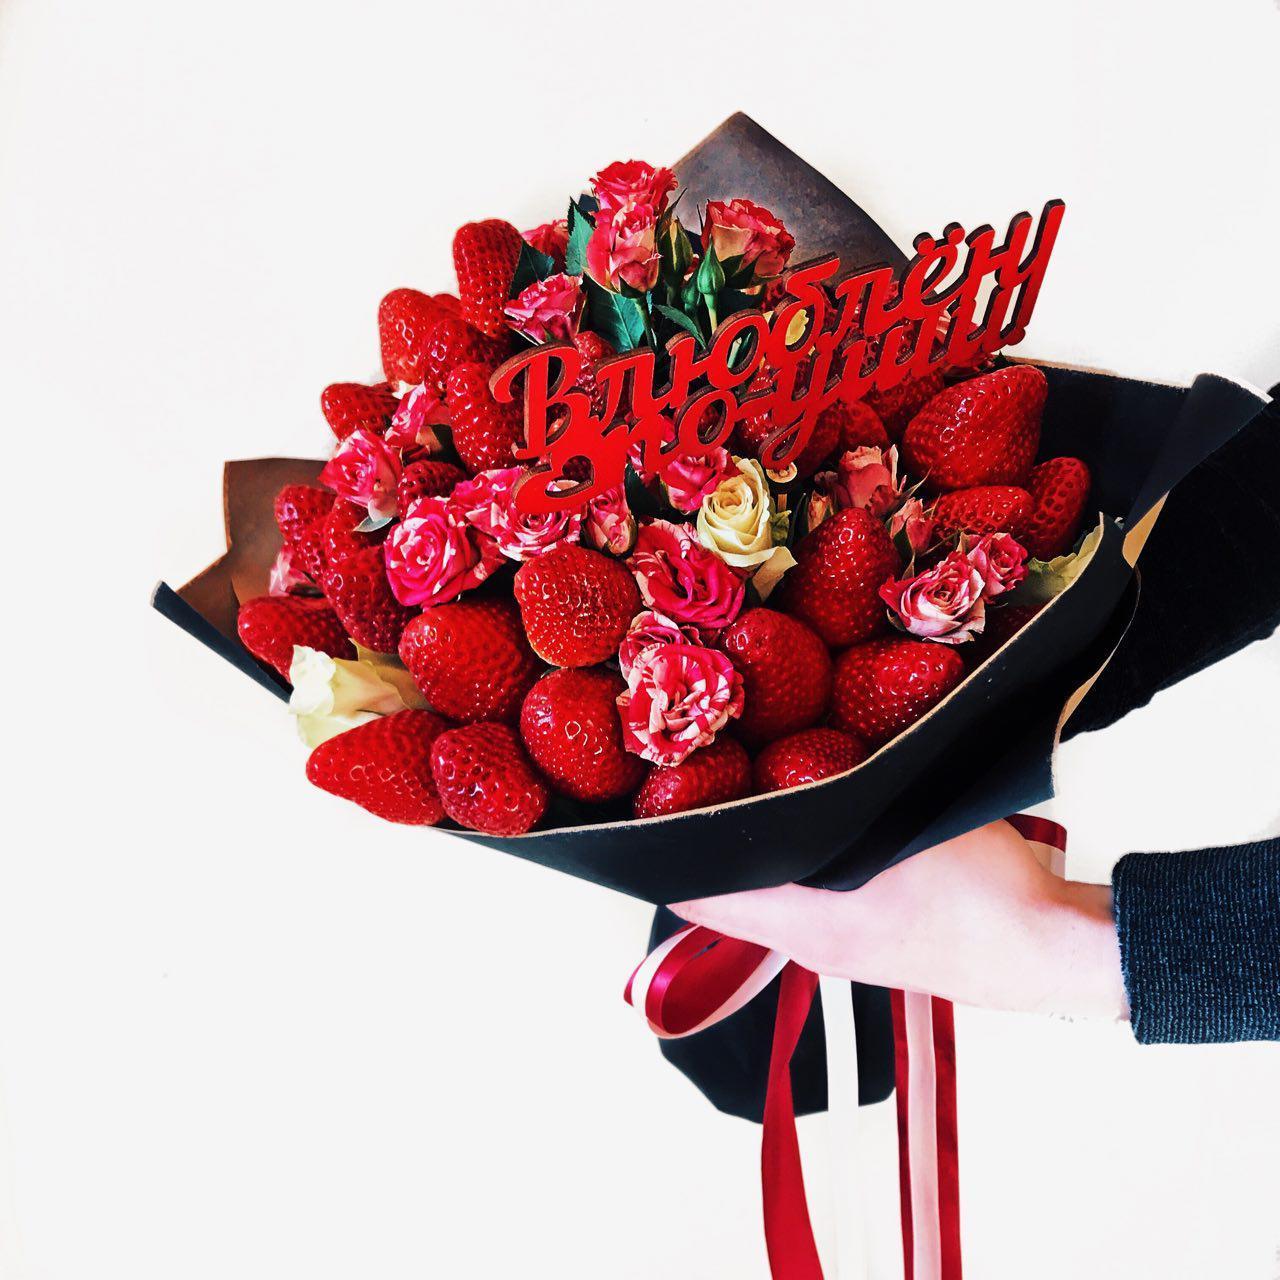 Картинки с днем рождения с клубникой и цветами, картинки сказок